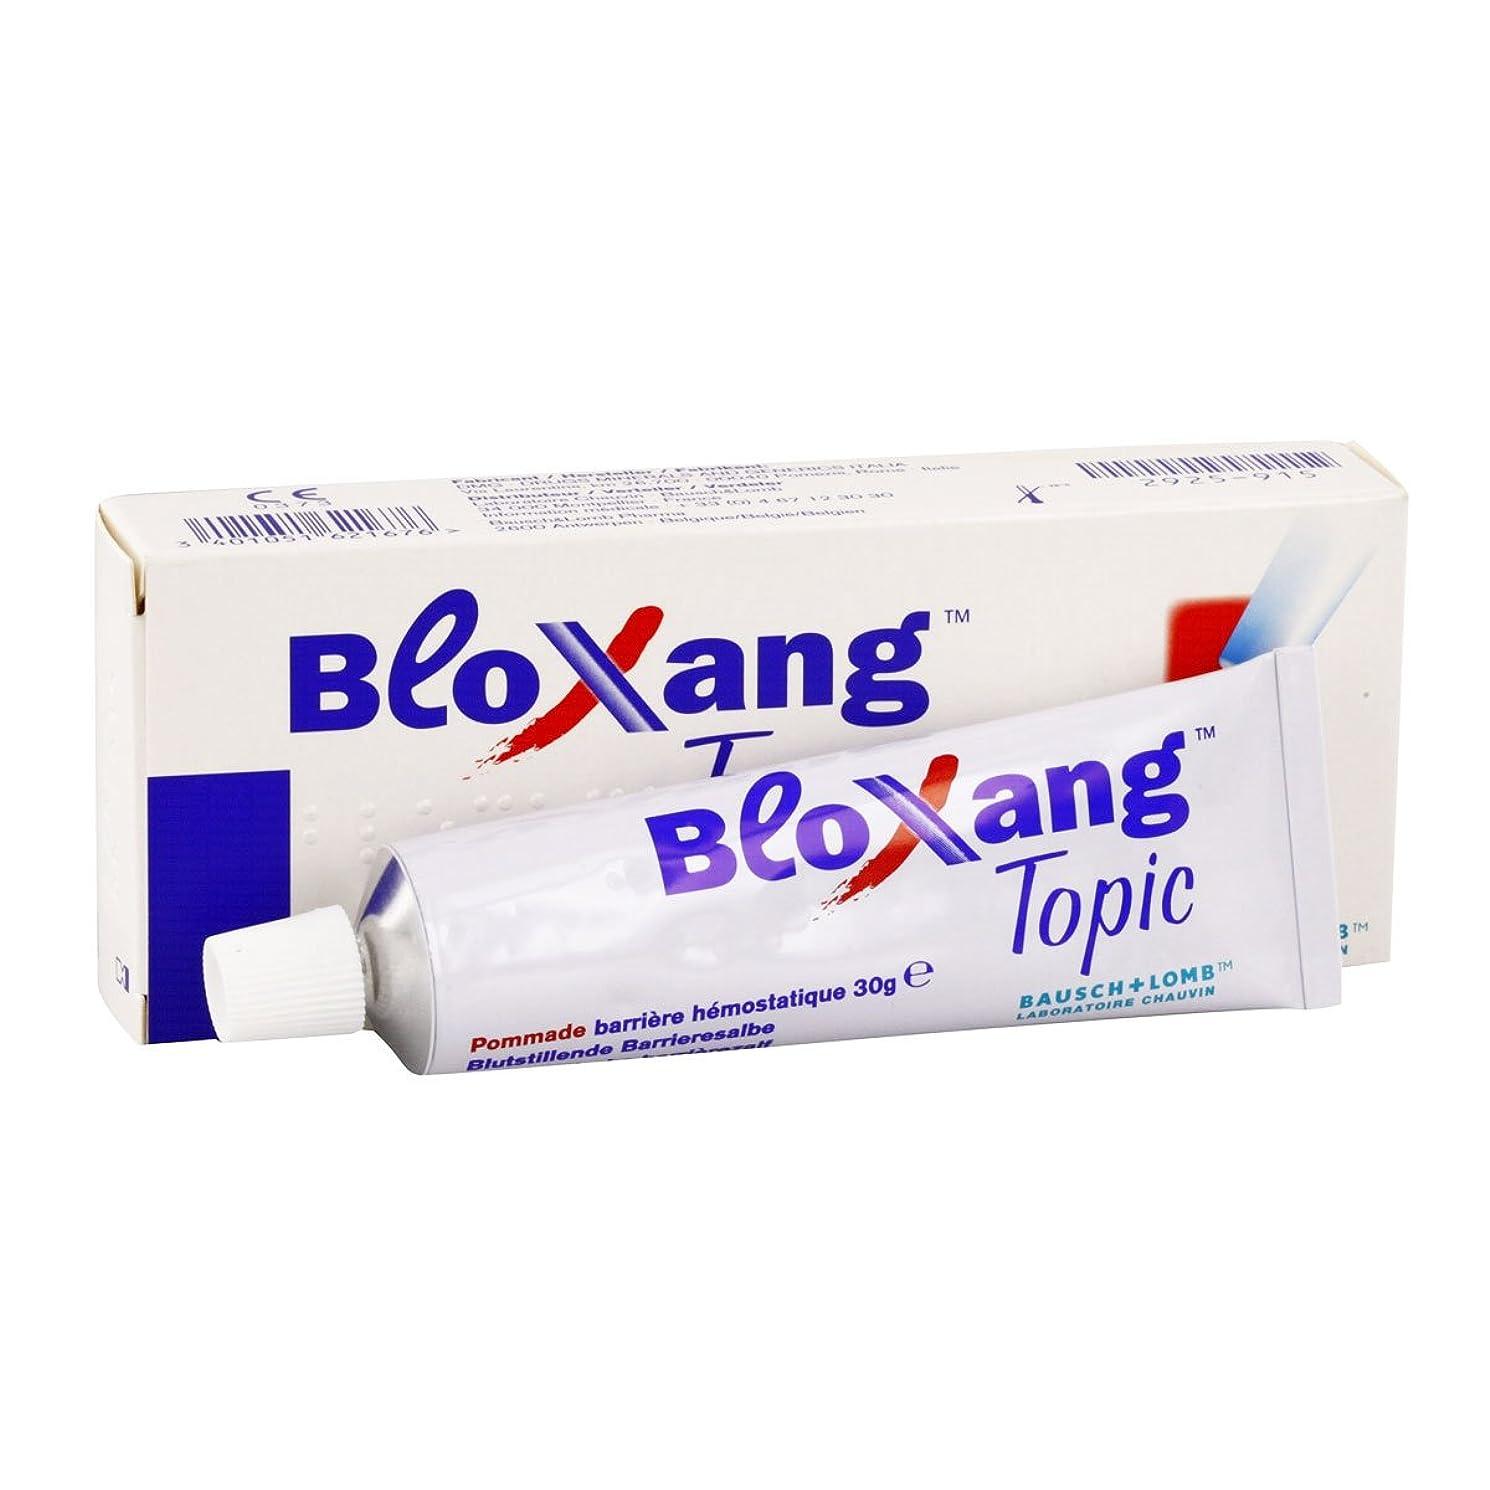 発明とティーム理解Bloxang Ointment Hemostatic Barrier 30g [並行輸入品]